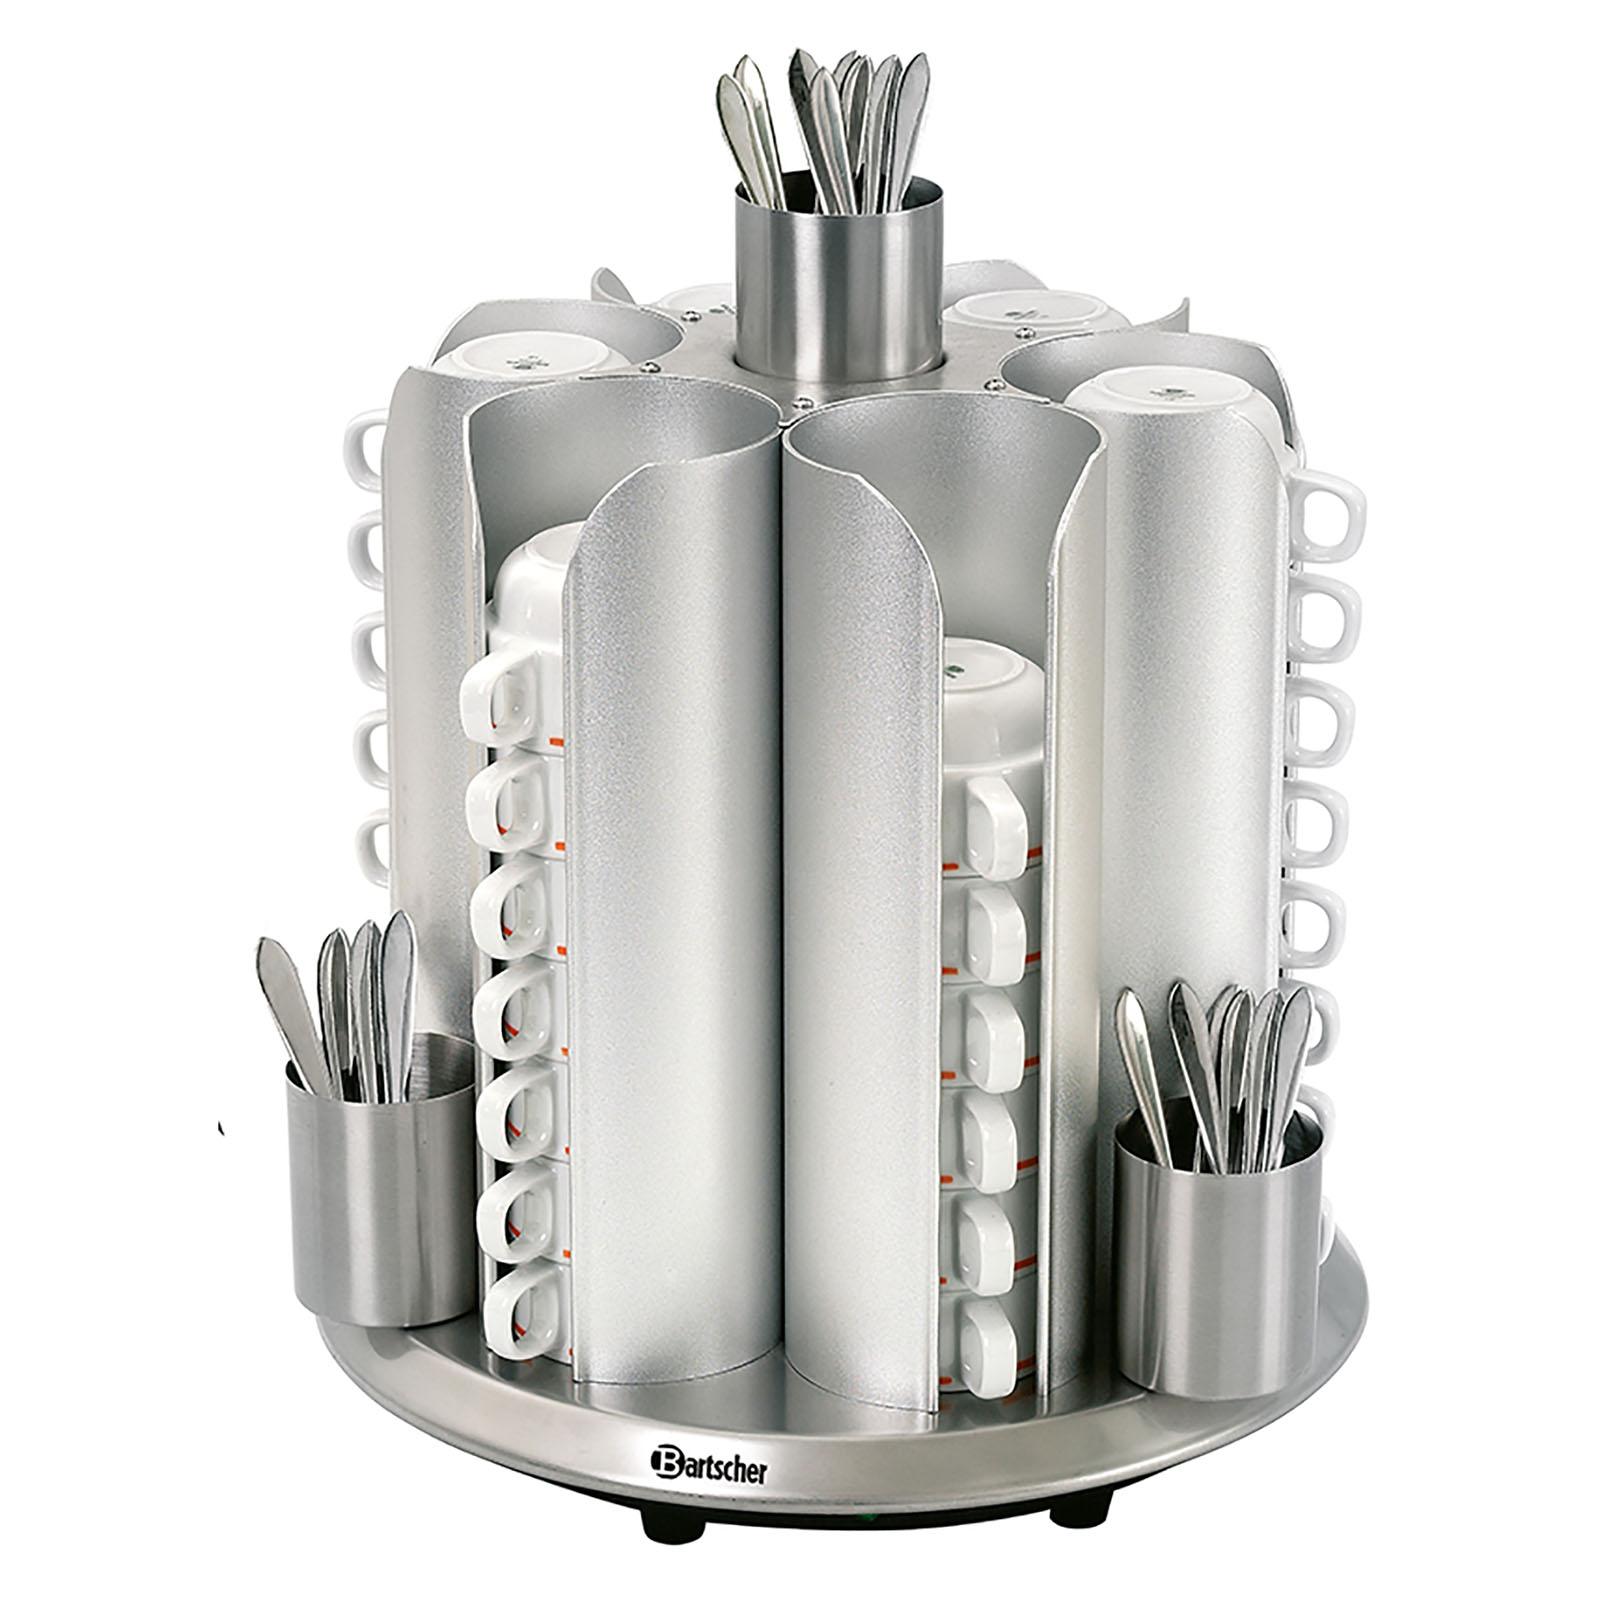 Bartscher Tassenwärmer - für 48 Tassen, CNS 10190140